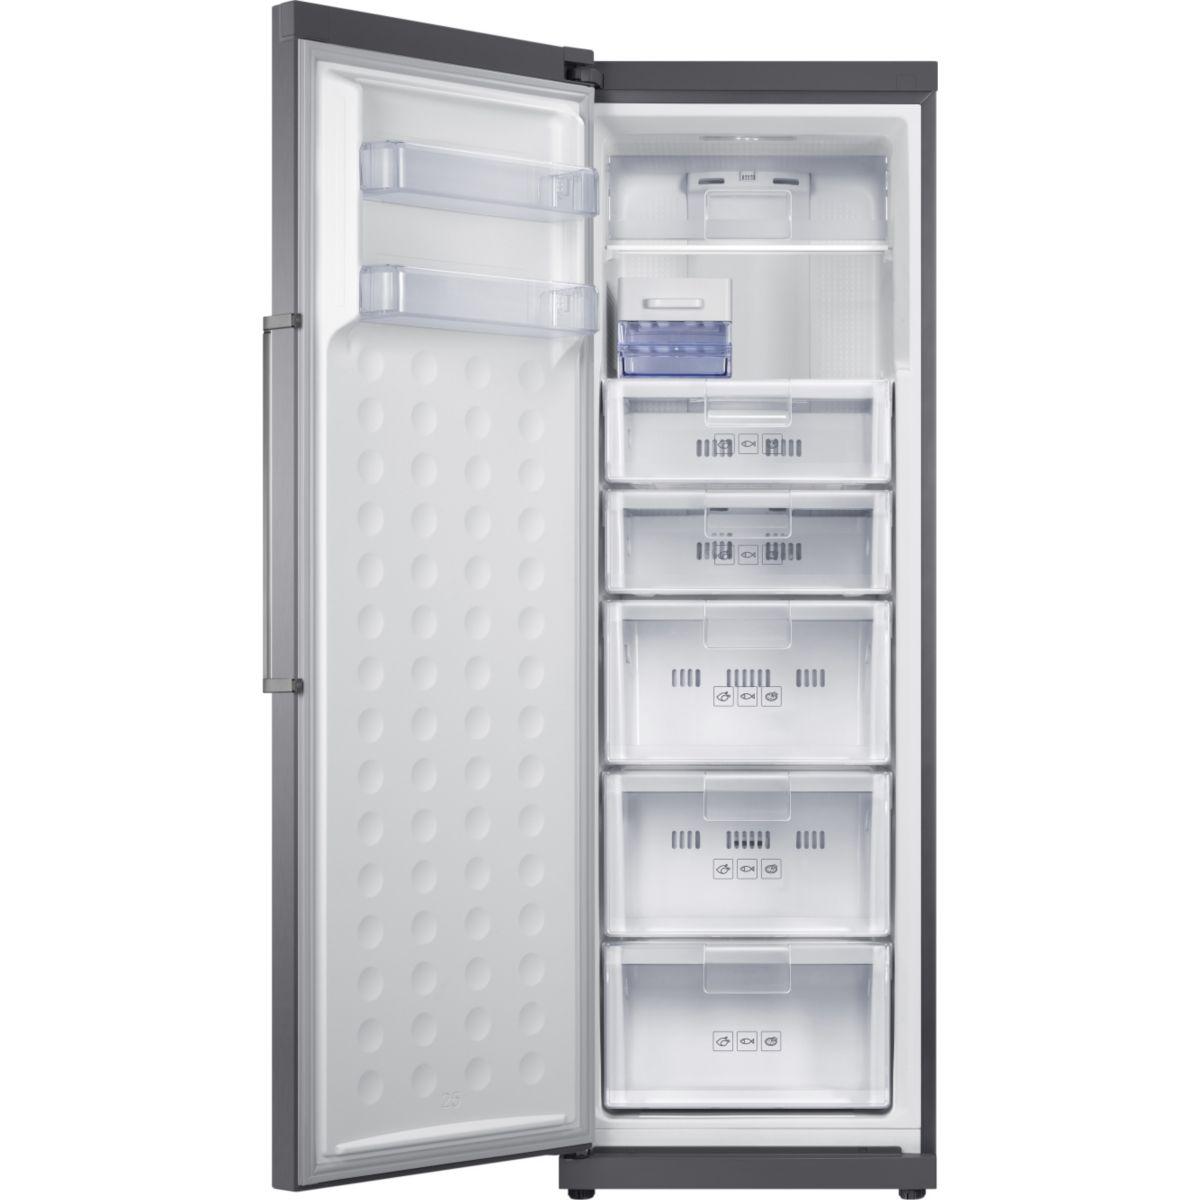 Congélateur armoire samsung rz28h6150ss - 2% de remise : code gam2 (photo)